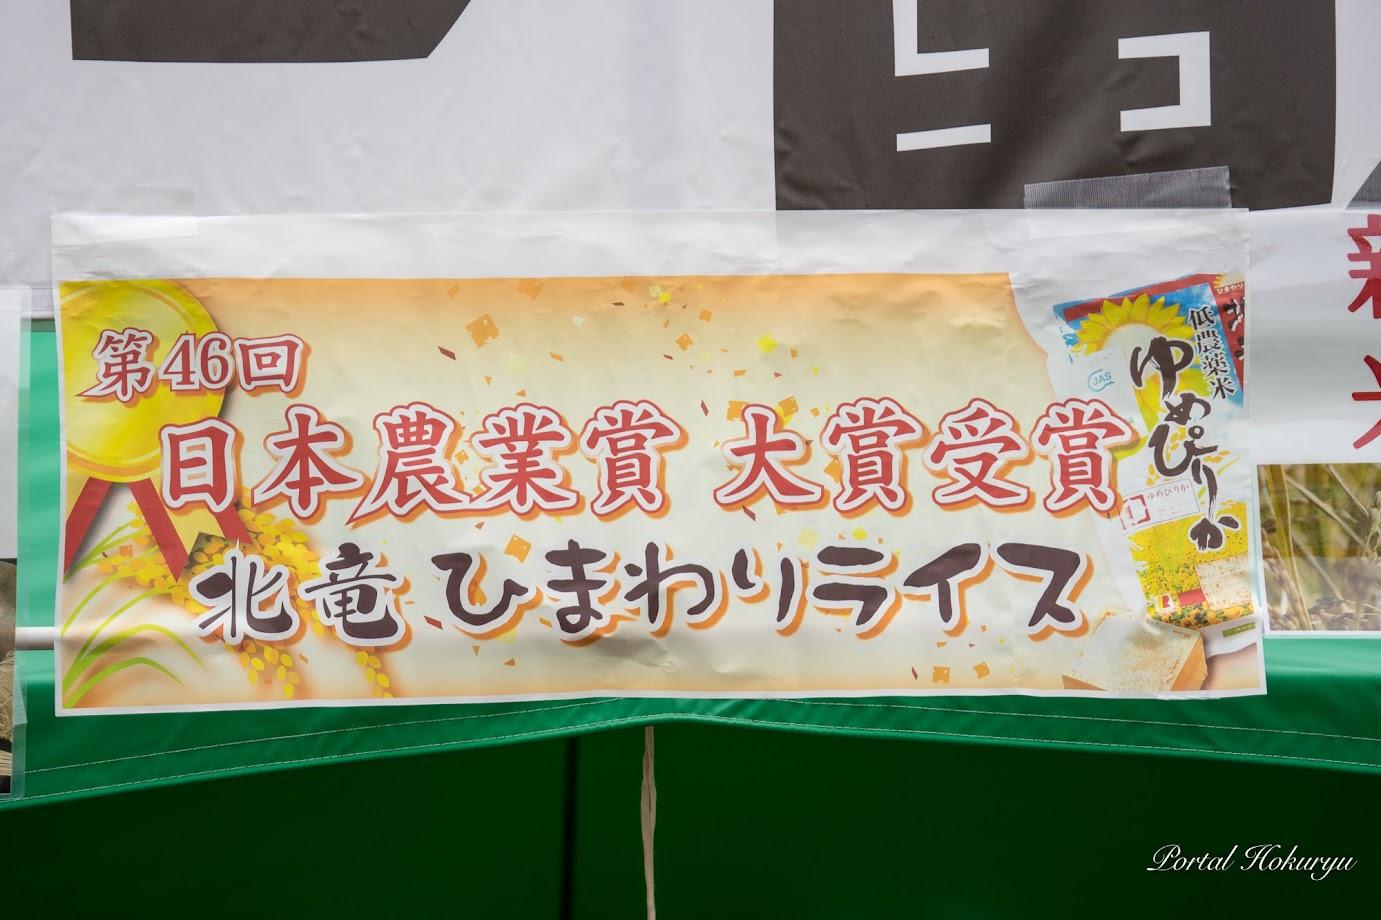 第46回日本農業賞大賞受賞・北竜ひまわりライス